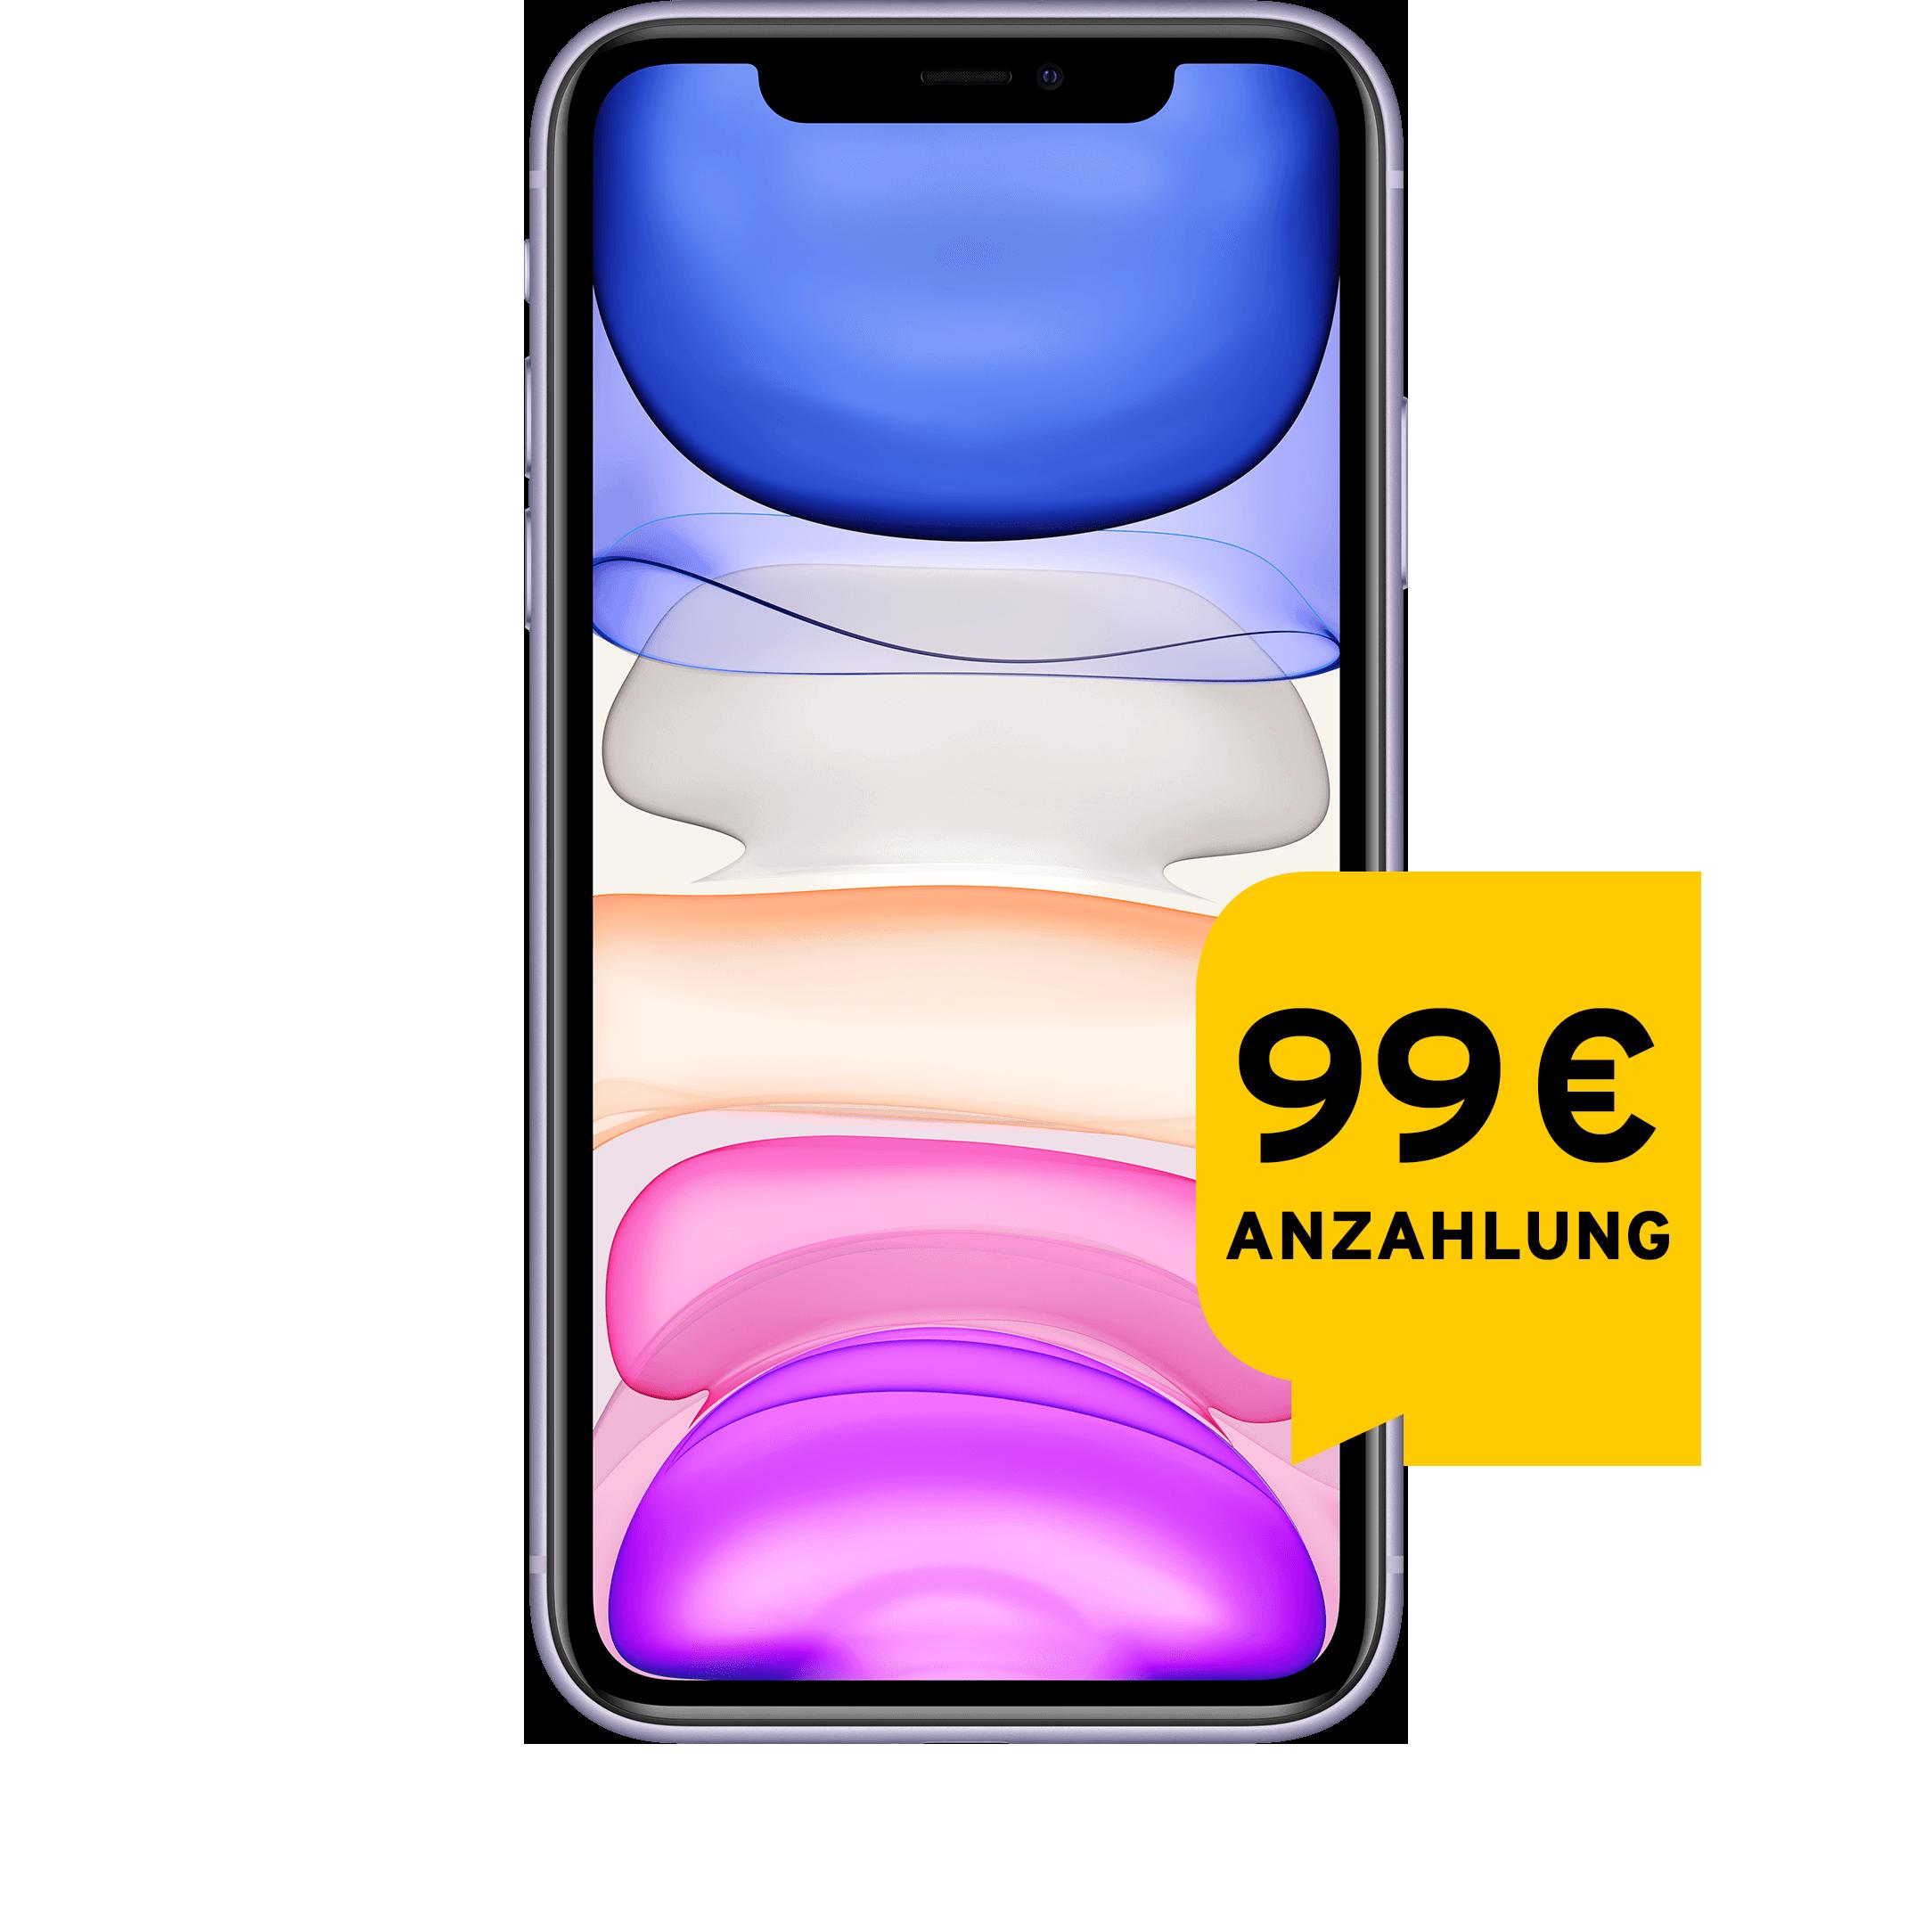 Günstig Kaufen beim Preisvergleich-Apple iPhone 11 64 GB violett Aktion mit Allnet Flat L